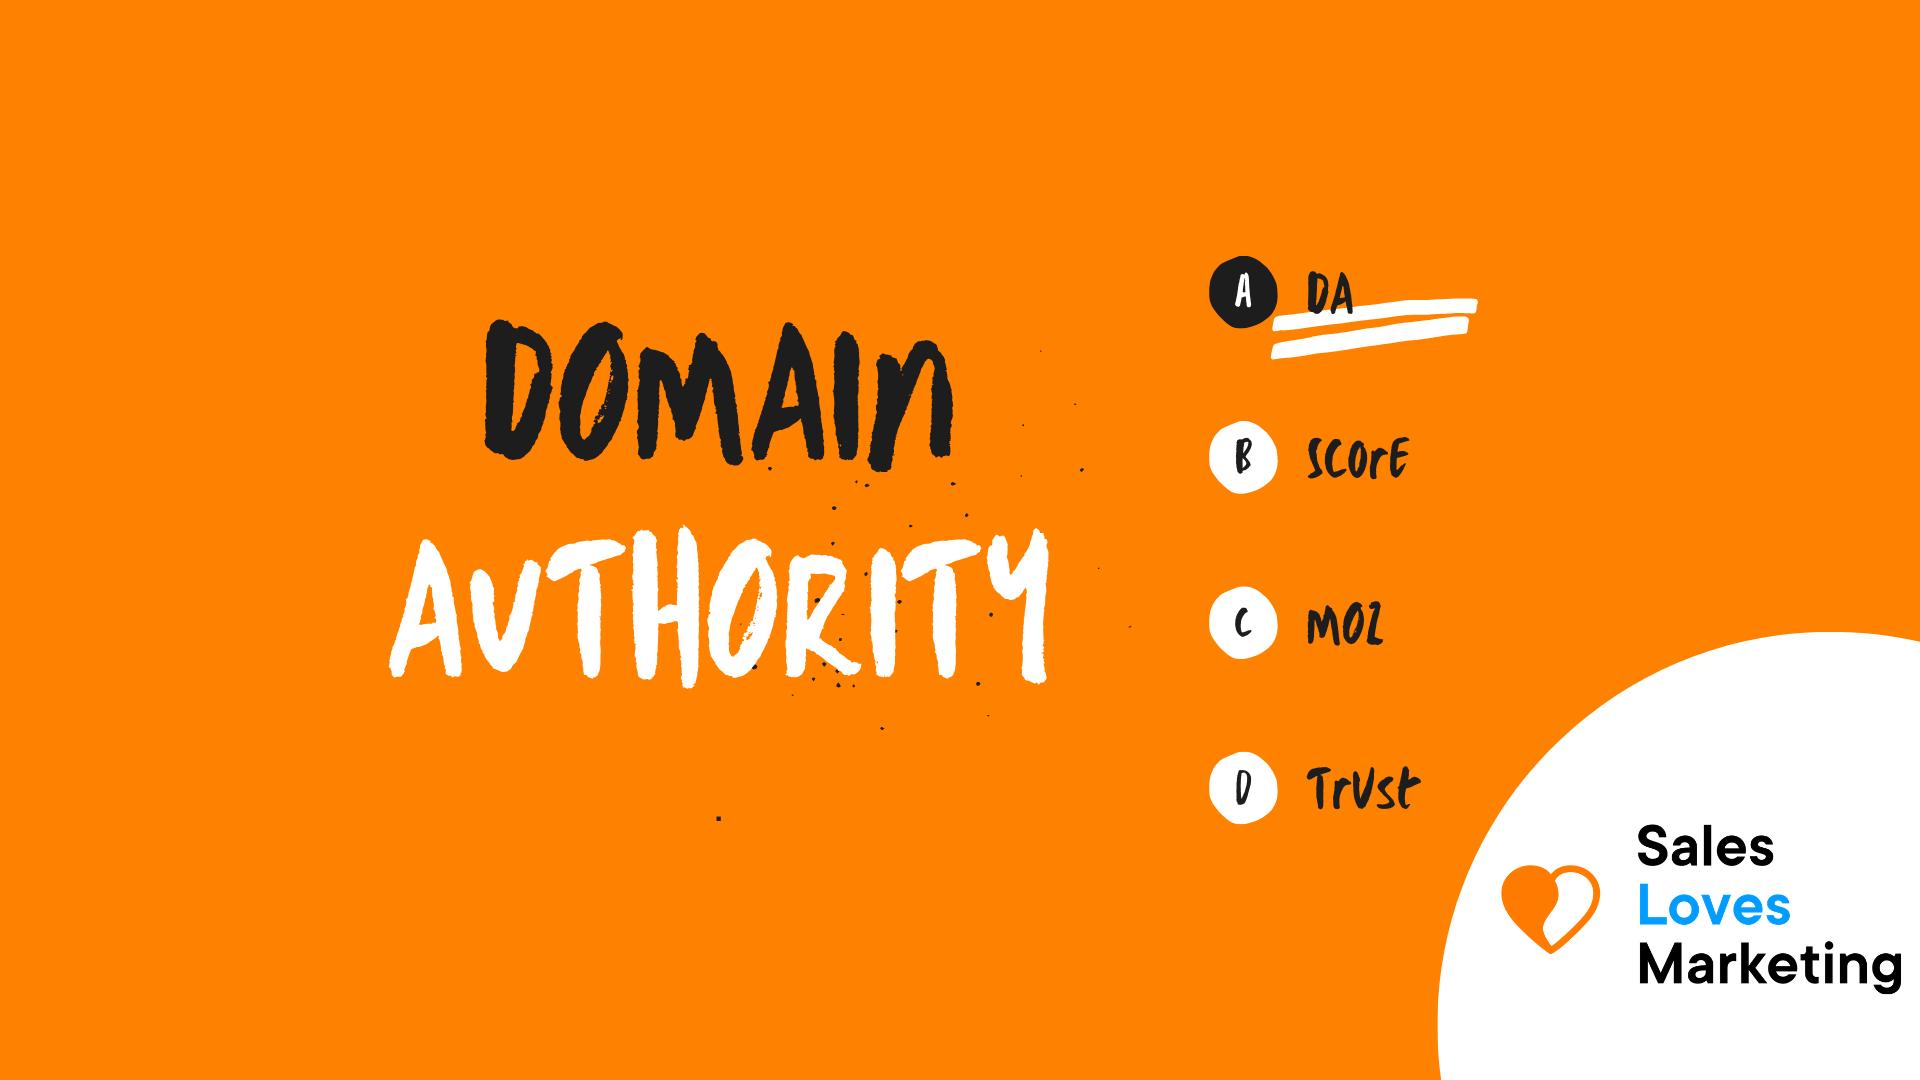 Domain Authority (DA)